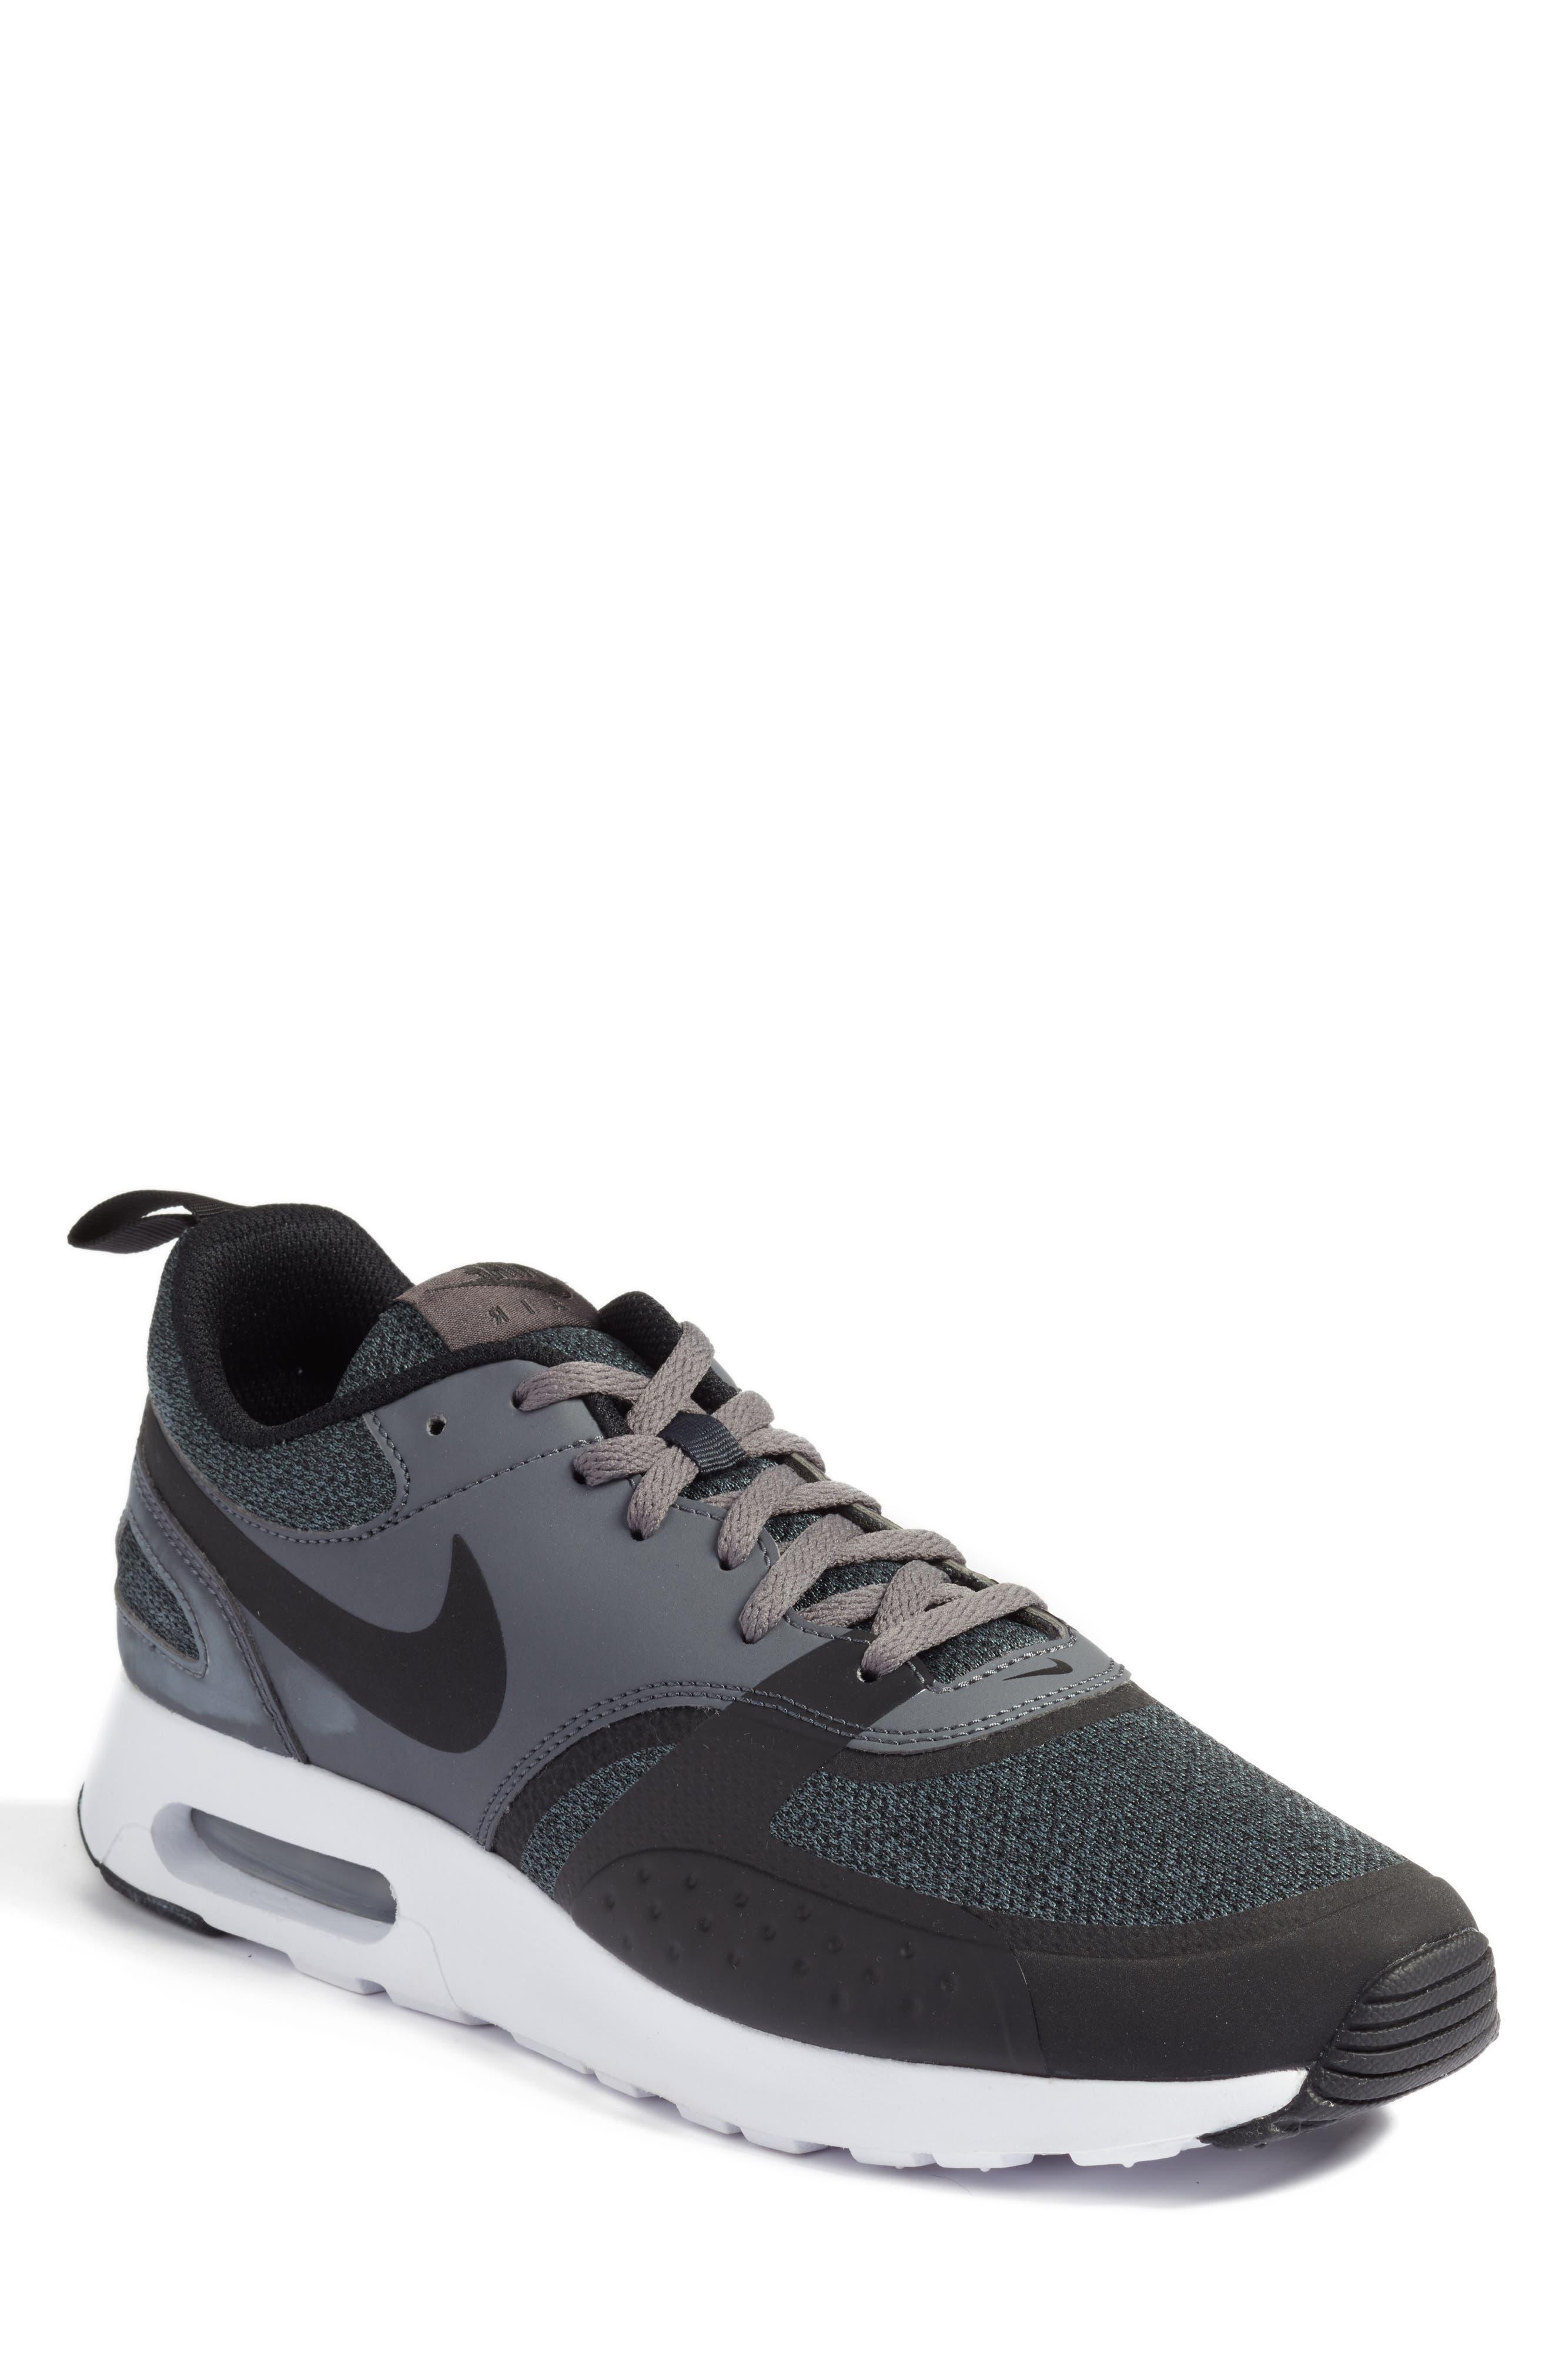 NIKE Air Max Vision SE Sneaker